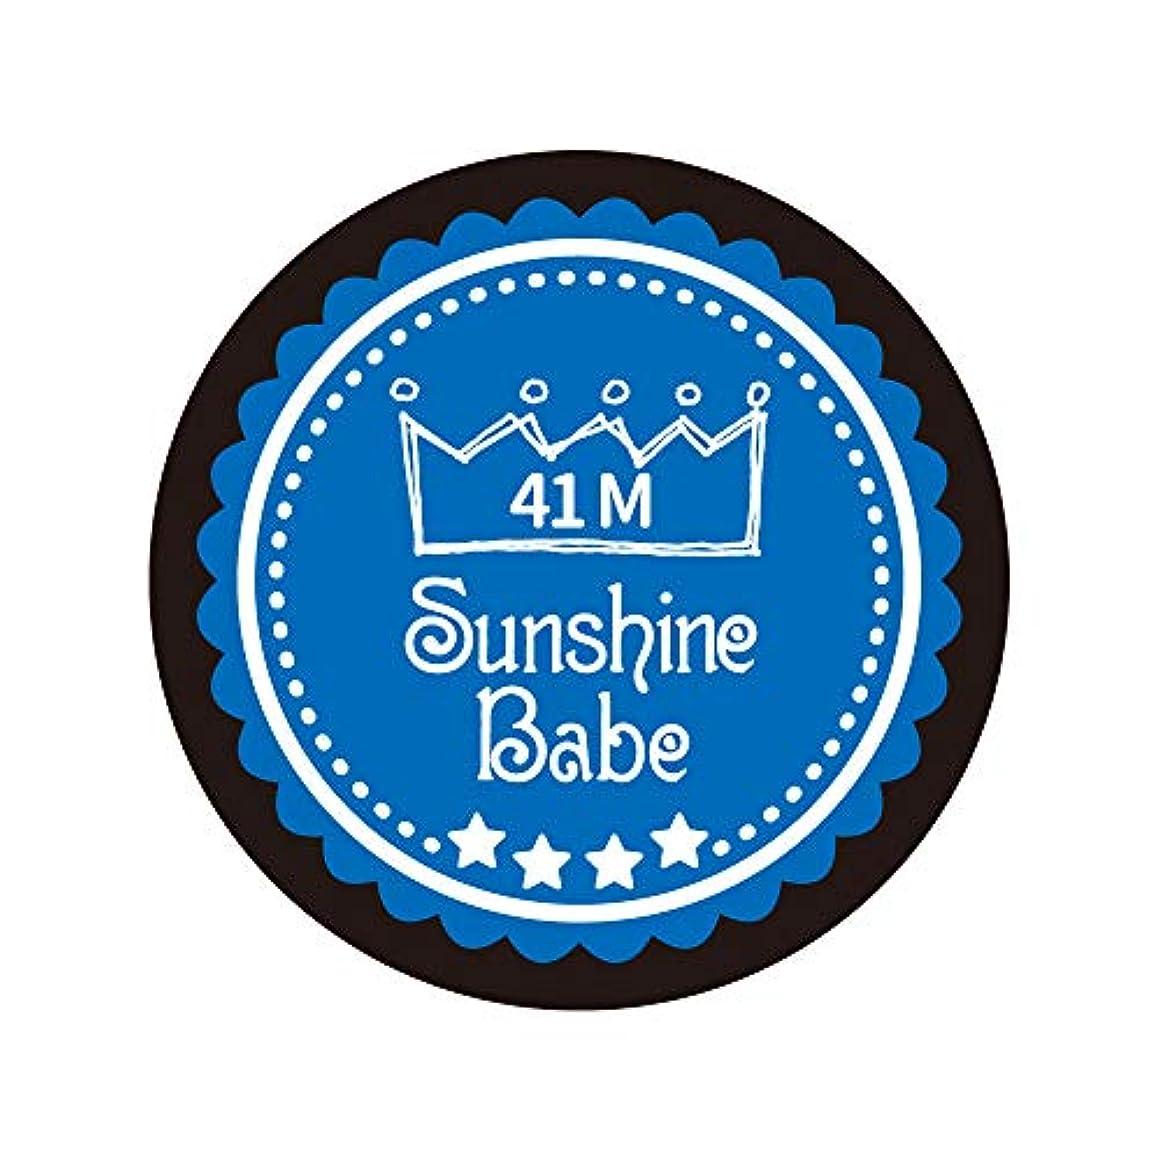 力空のコットンSunshine Babe カラージェル 41M ネブラスブルー 4g UV/LED対応